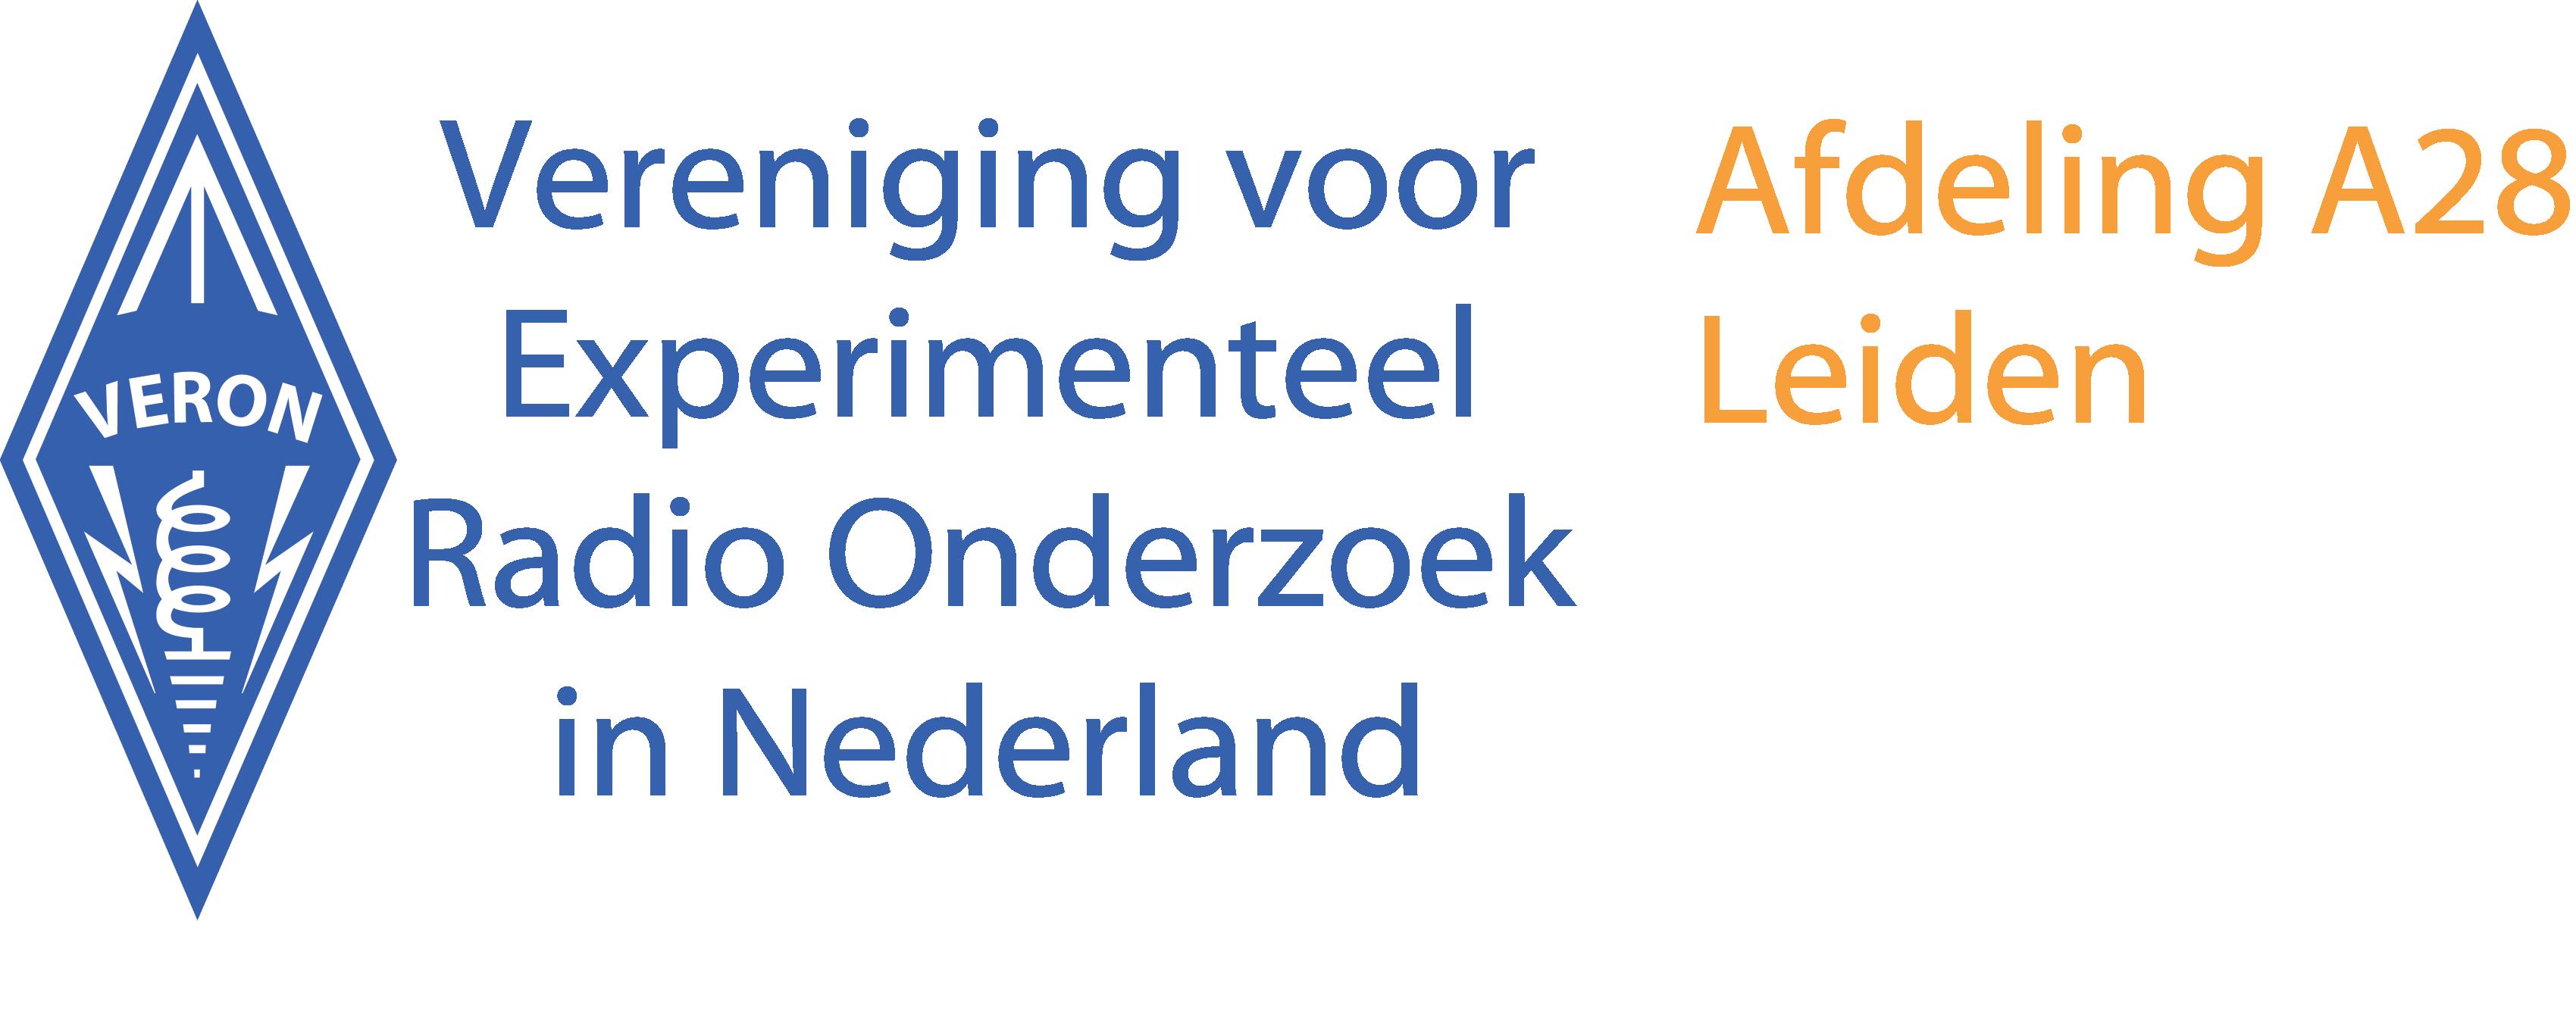 VERON a28 - Afdeling Leiden